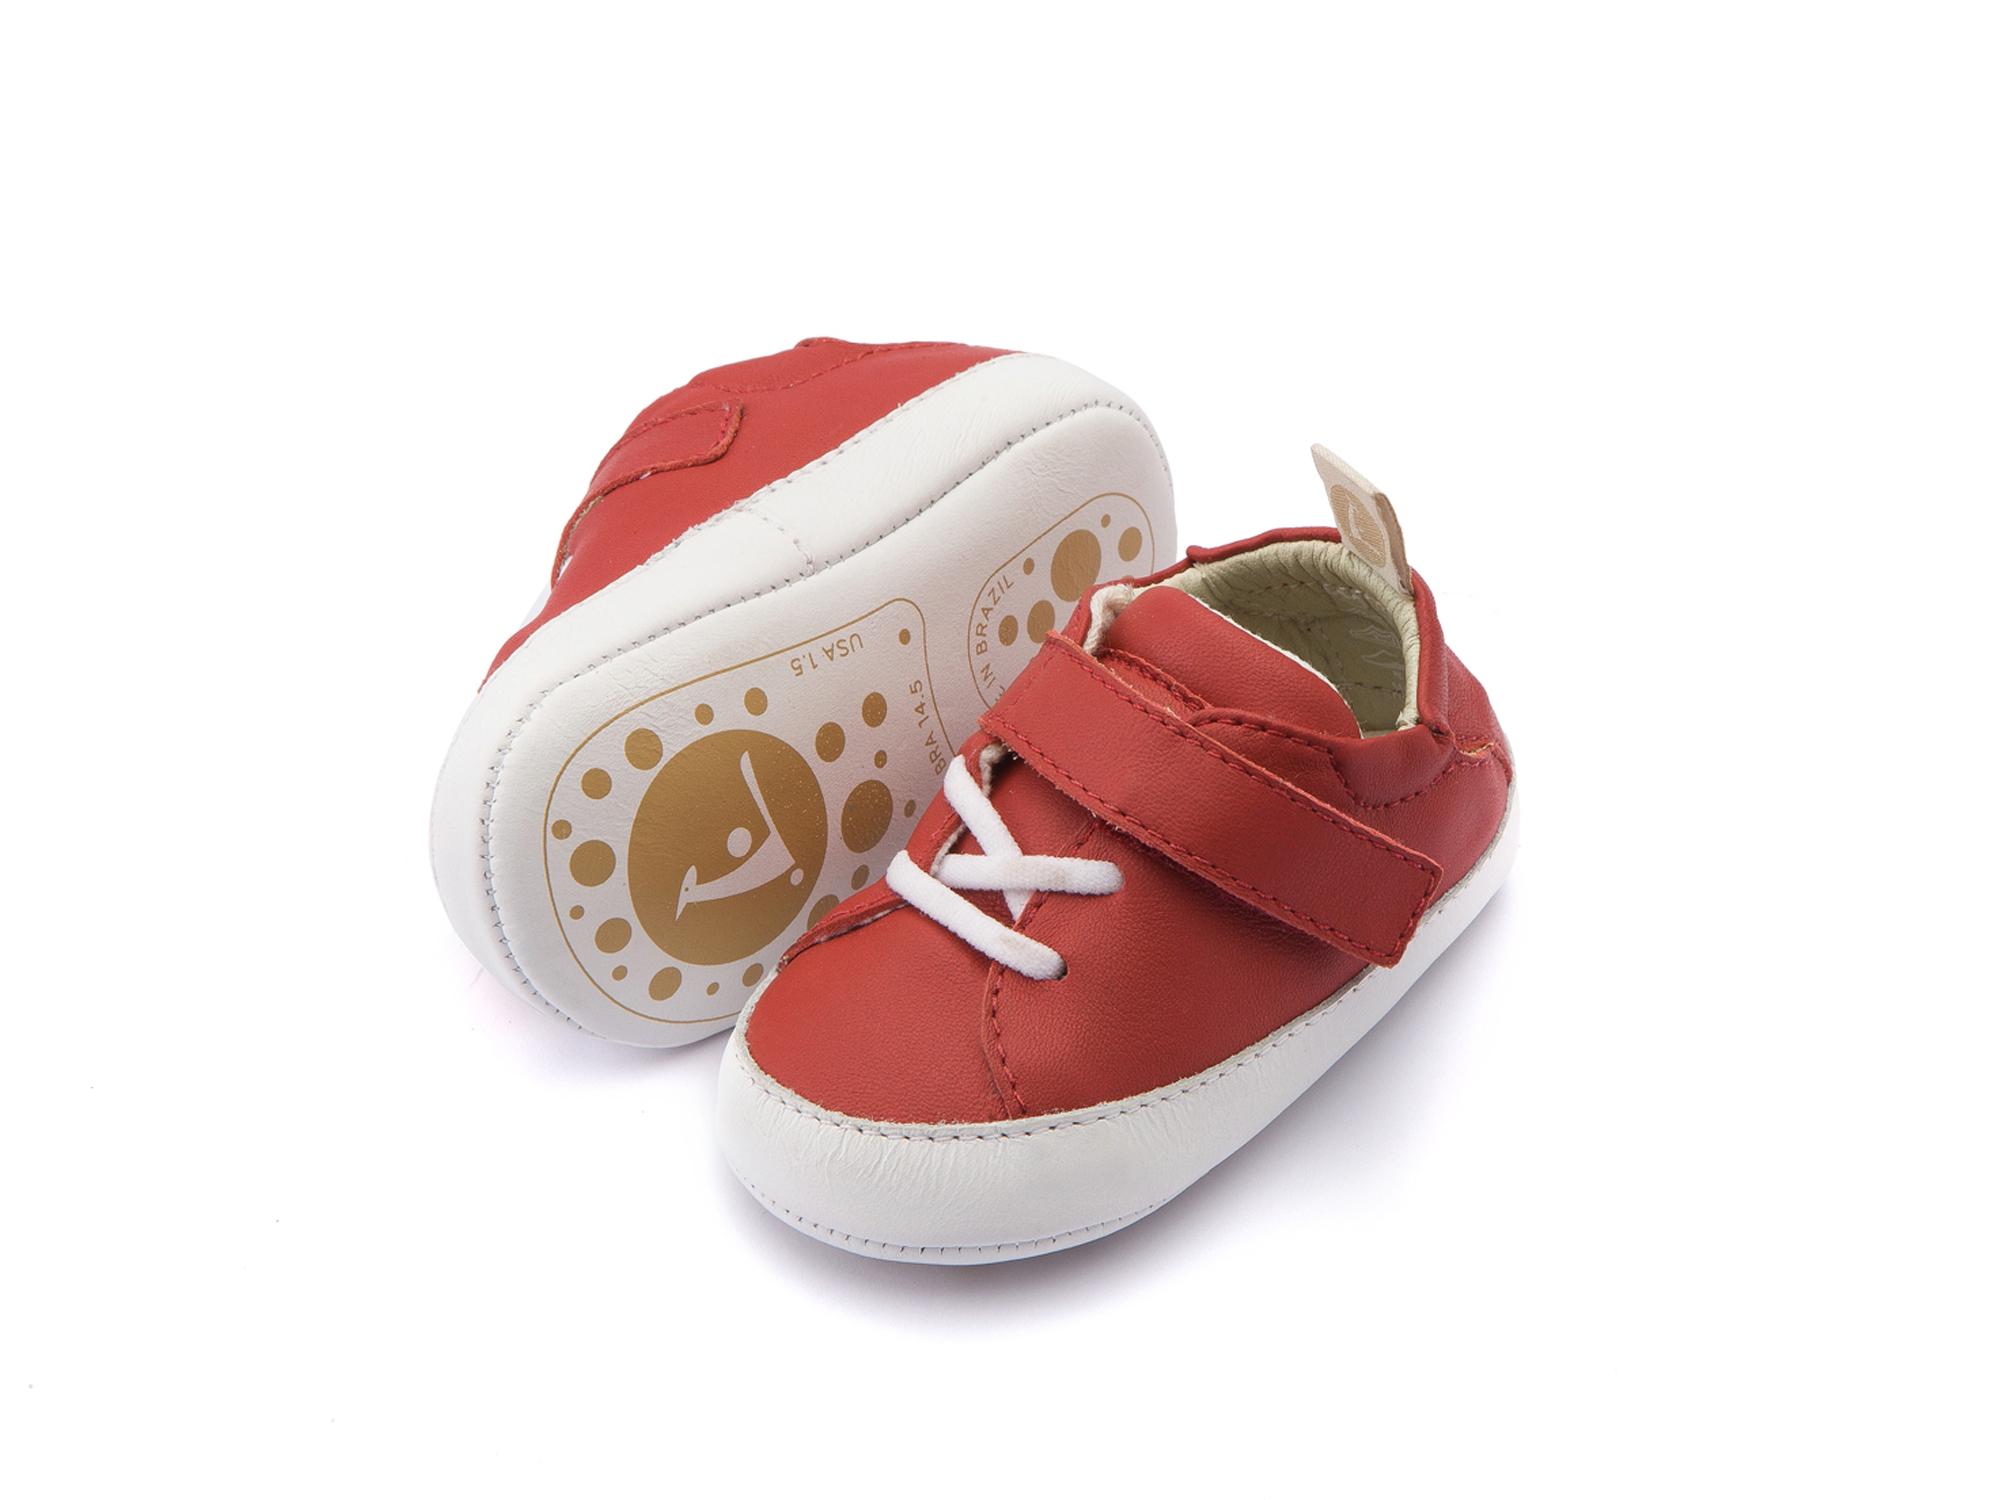 Tênis Light Pomo/ White Baby 0 à 2 anos - 2